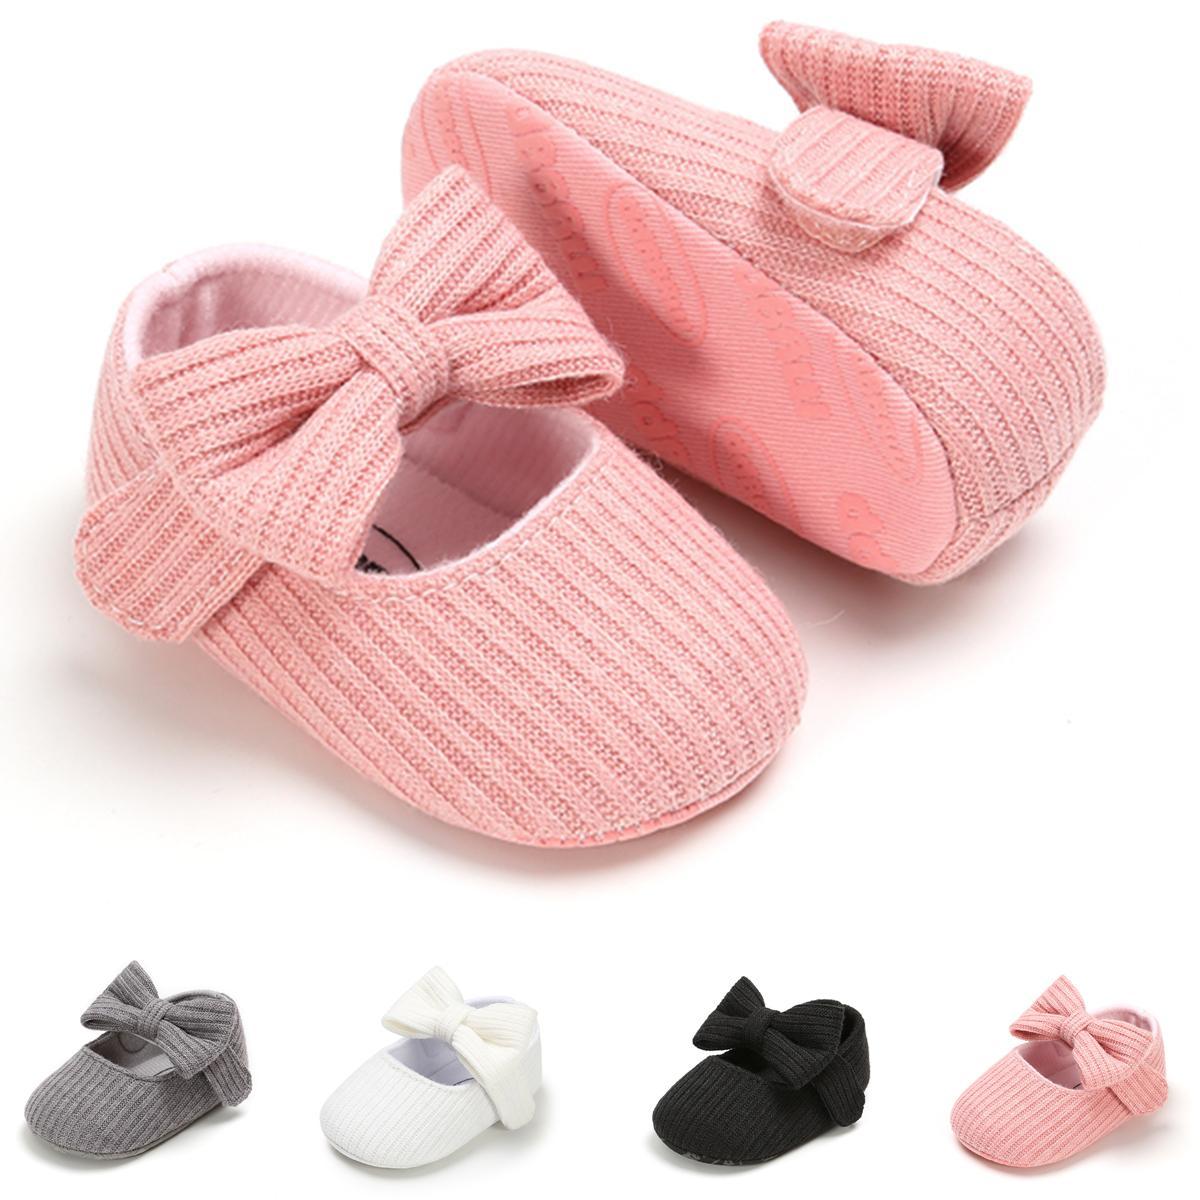 Songofjoy الرضع طفلة أحذية، الزهور ماري جين الشقق الأميرة اللباس الأحذية الناعمة الوليد سرير الأحذية الأولى المشاة prewalker